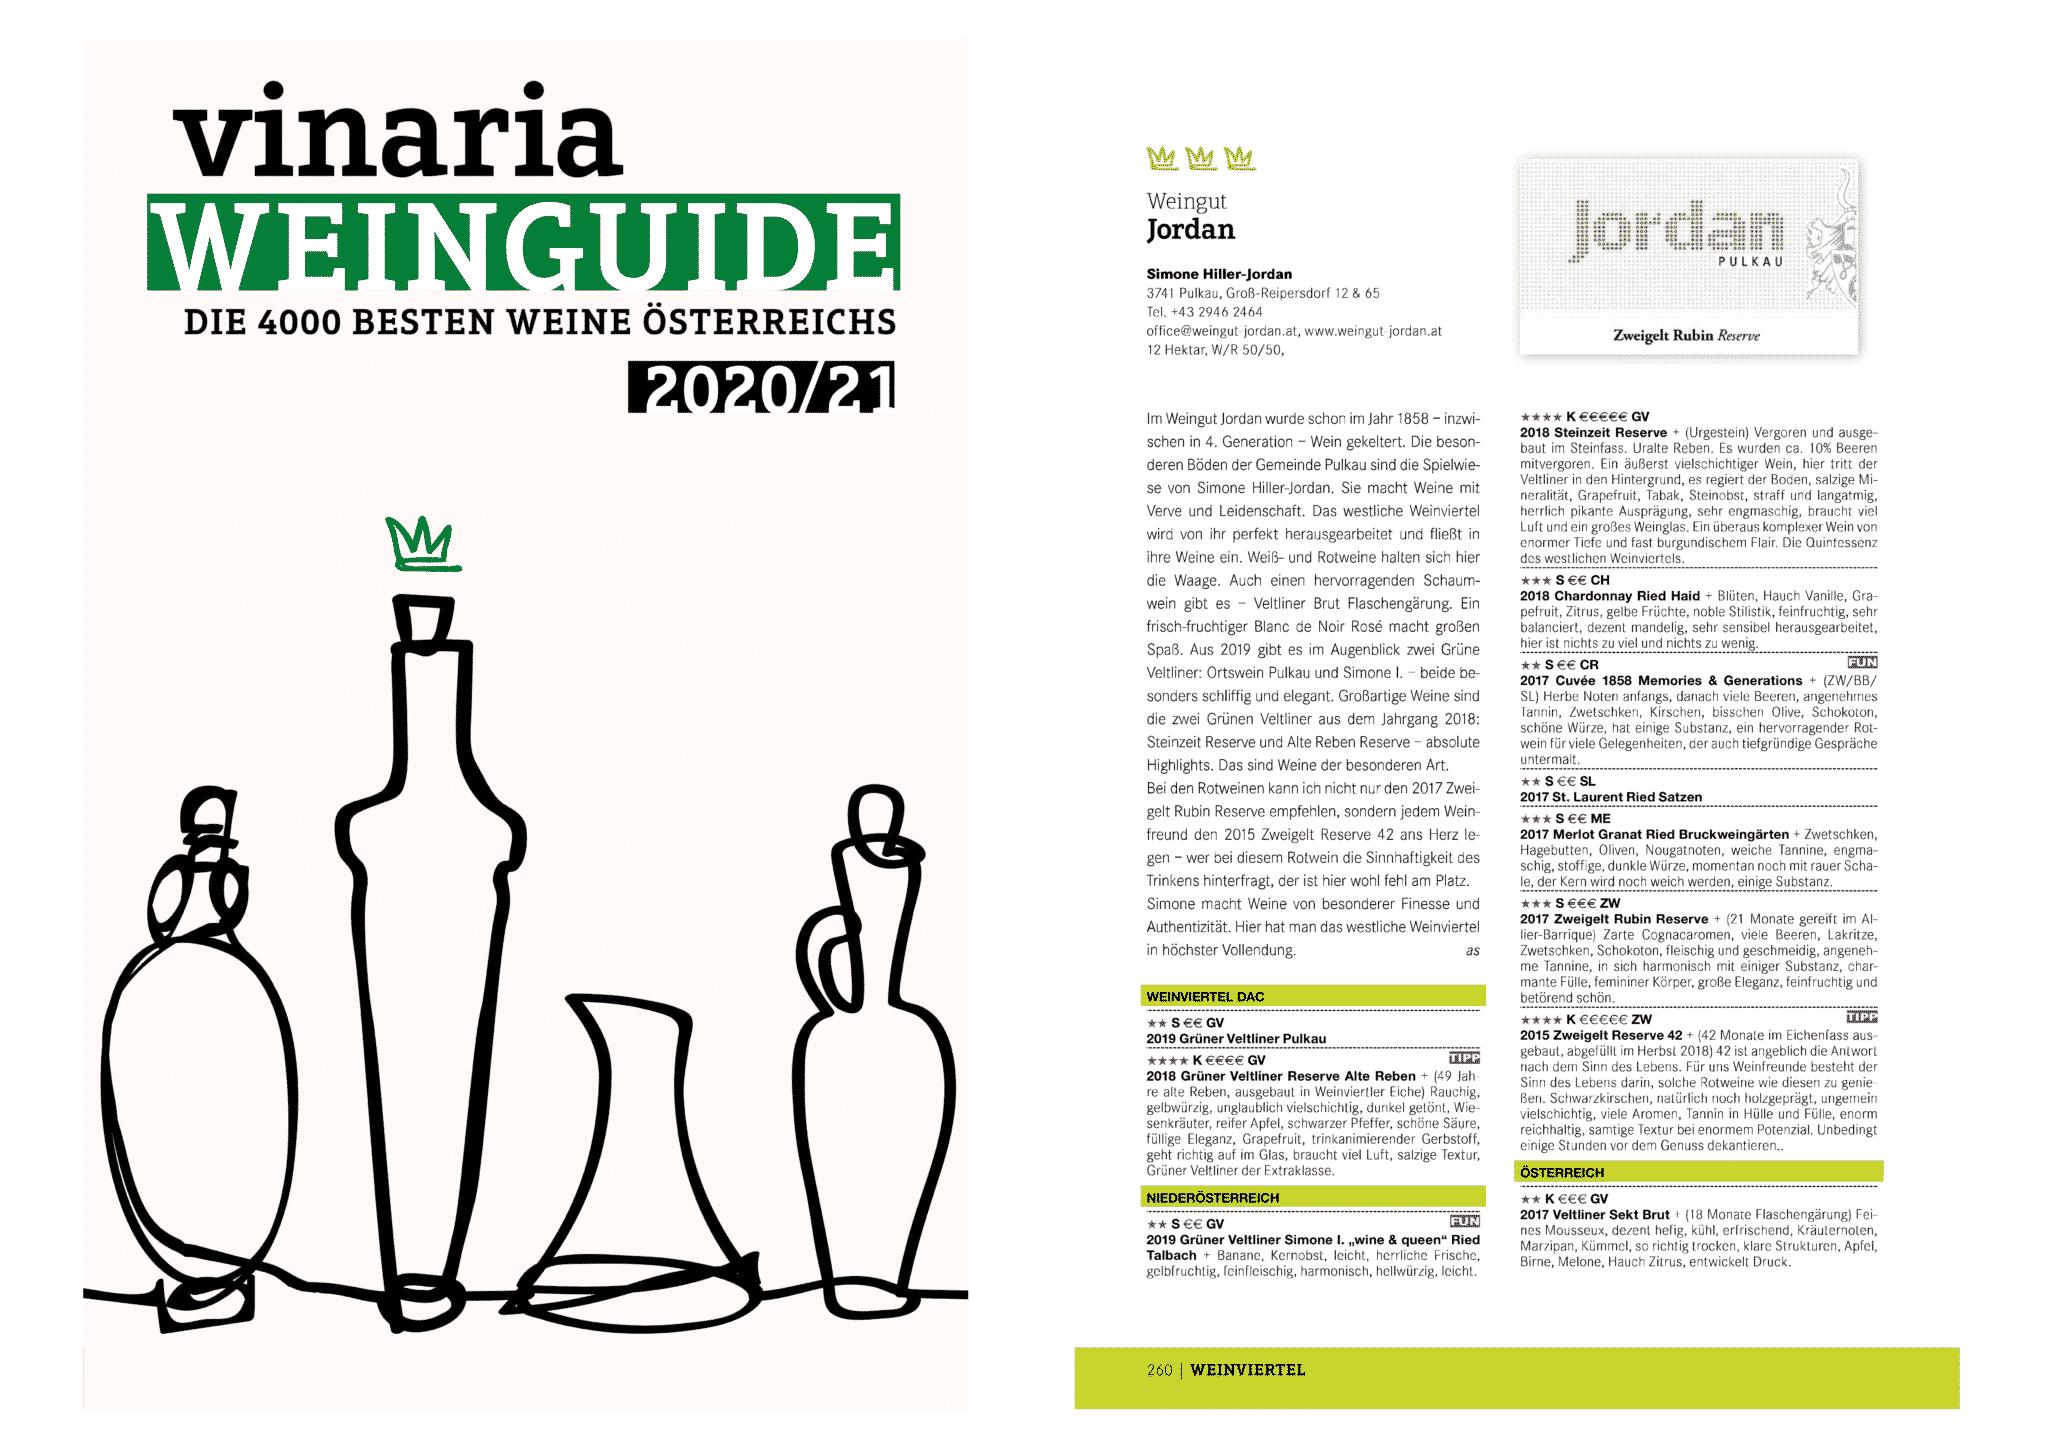 Vinaria葡萄酒指南2020/21